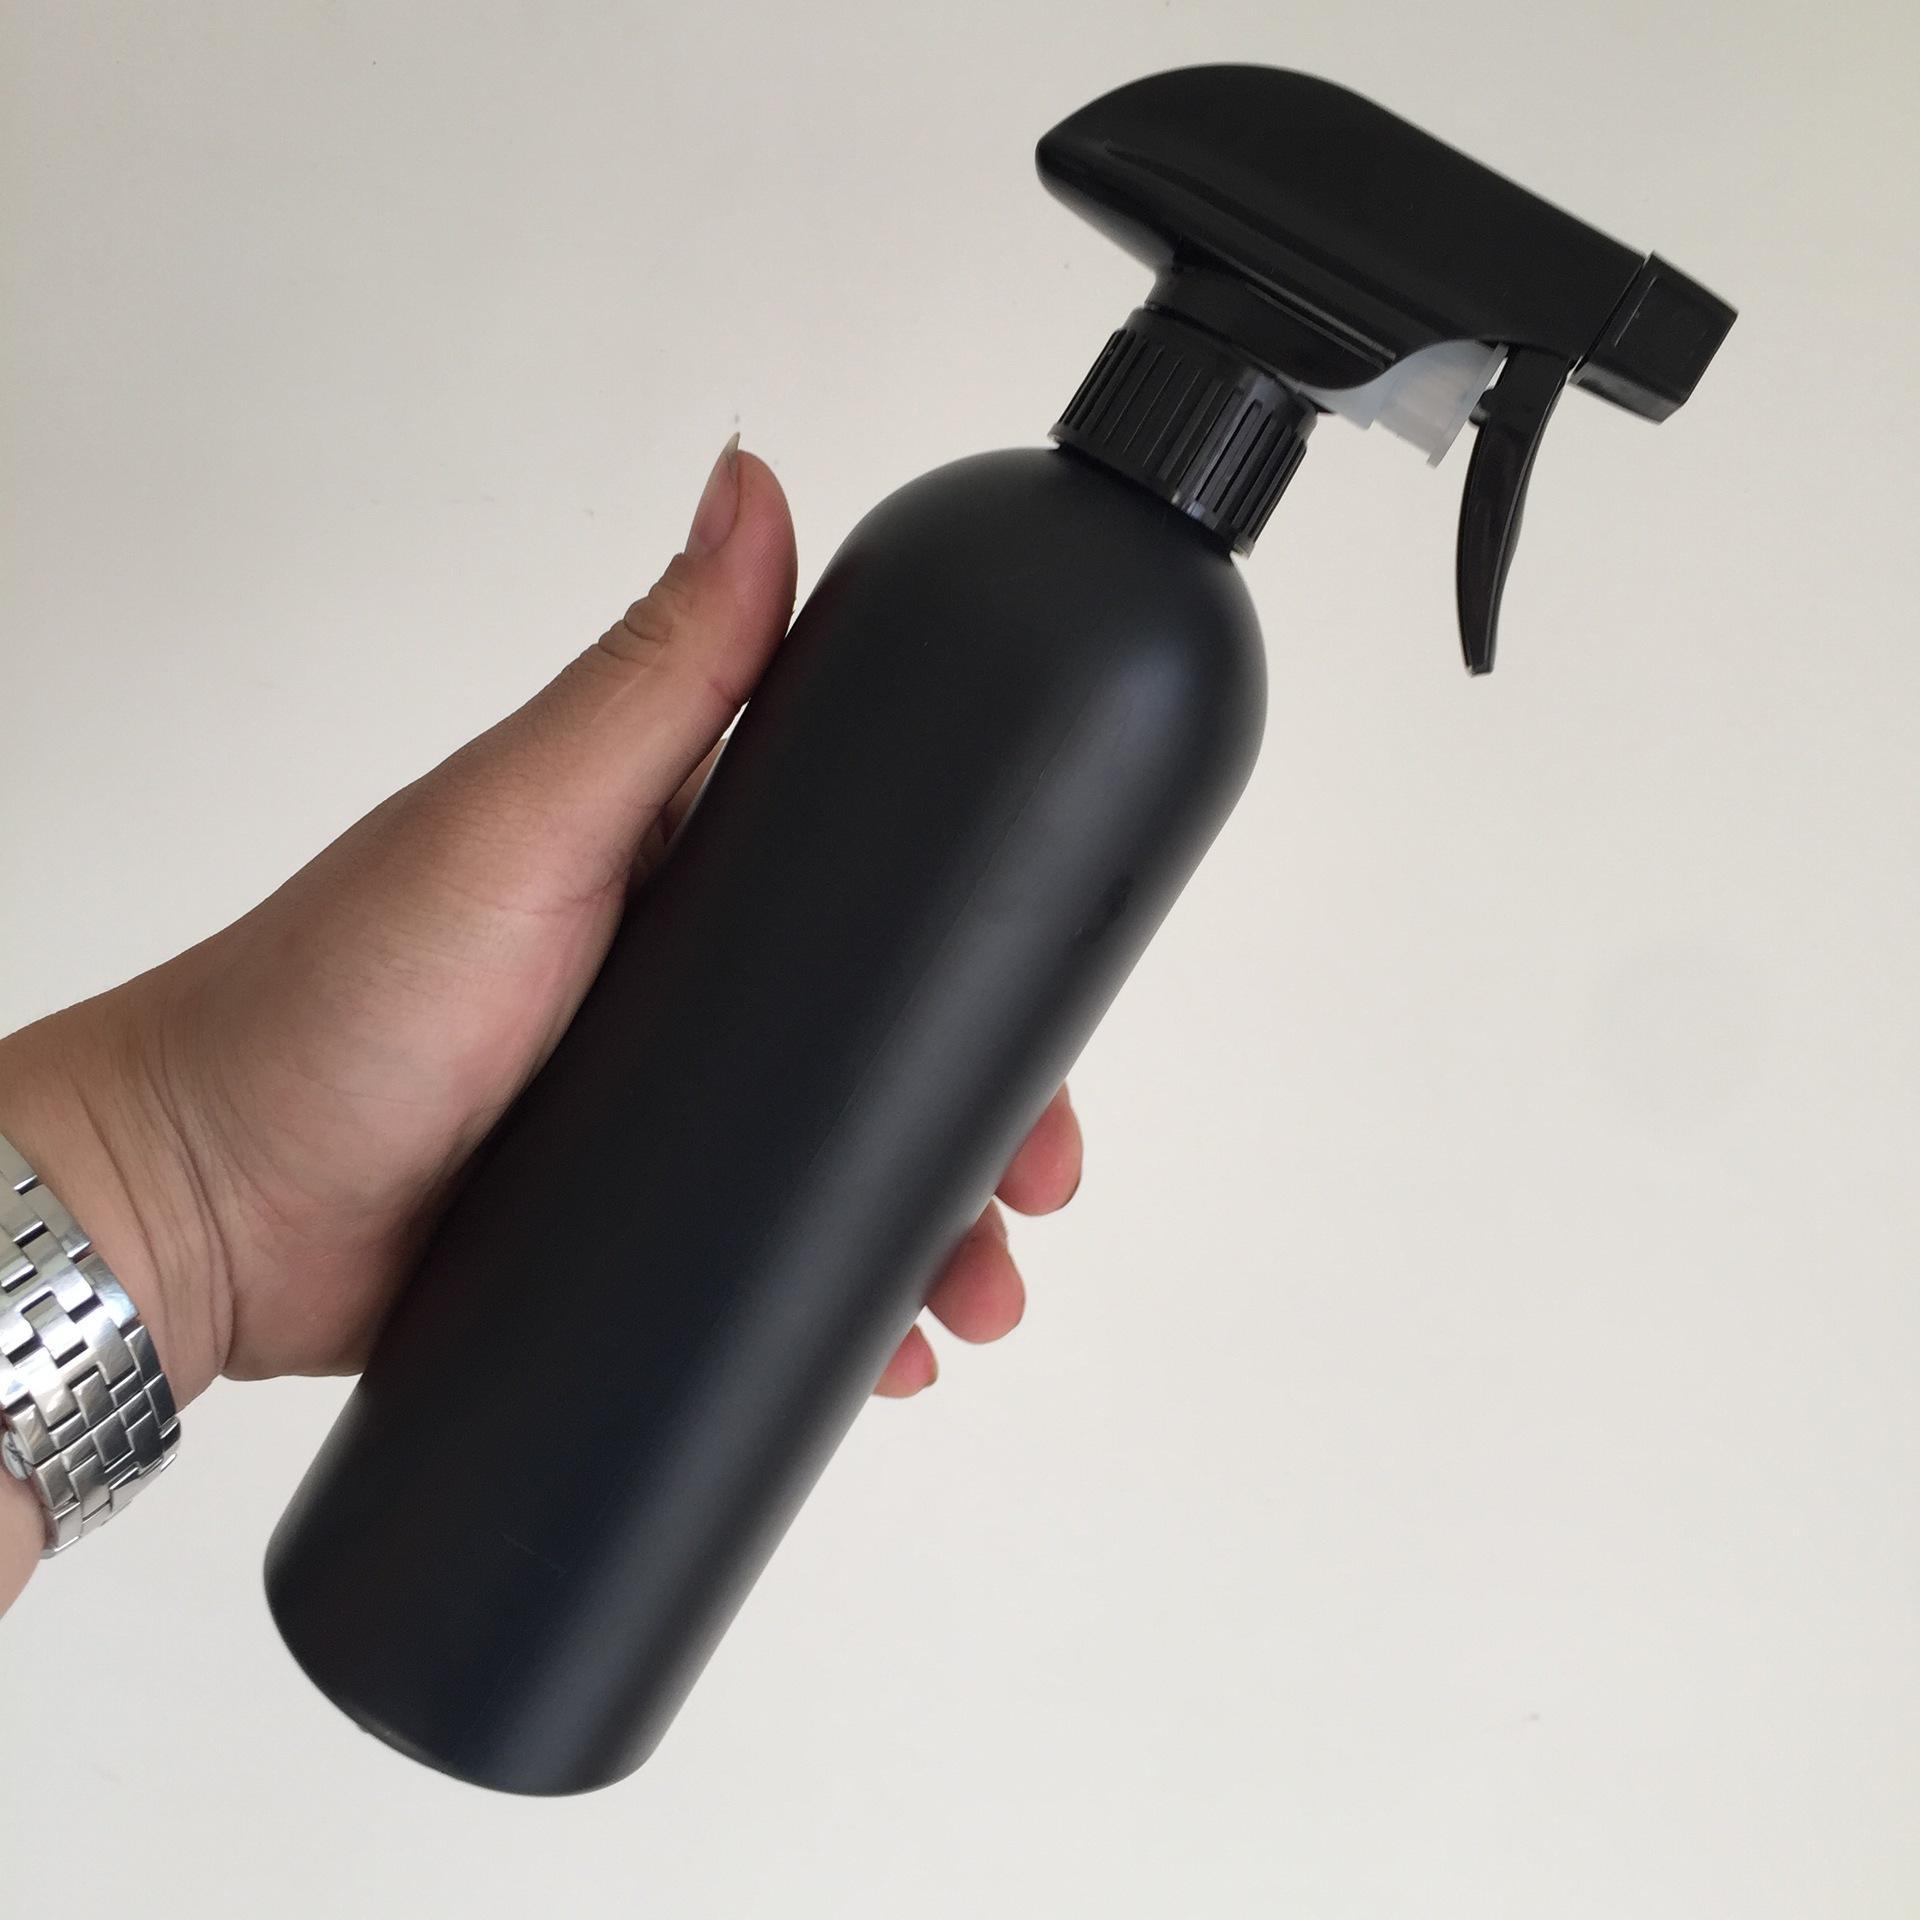 Todos 500ML pulverizar frasco plástico fivela mão frasco de spray garrafa de pulverização de limpeza do interior cilíndrico T3I5755 alta densidade preta